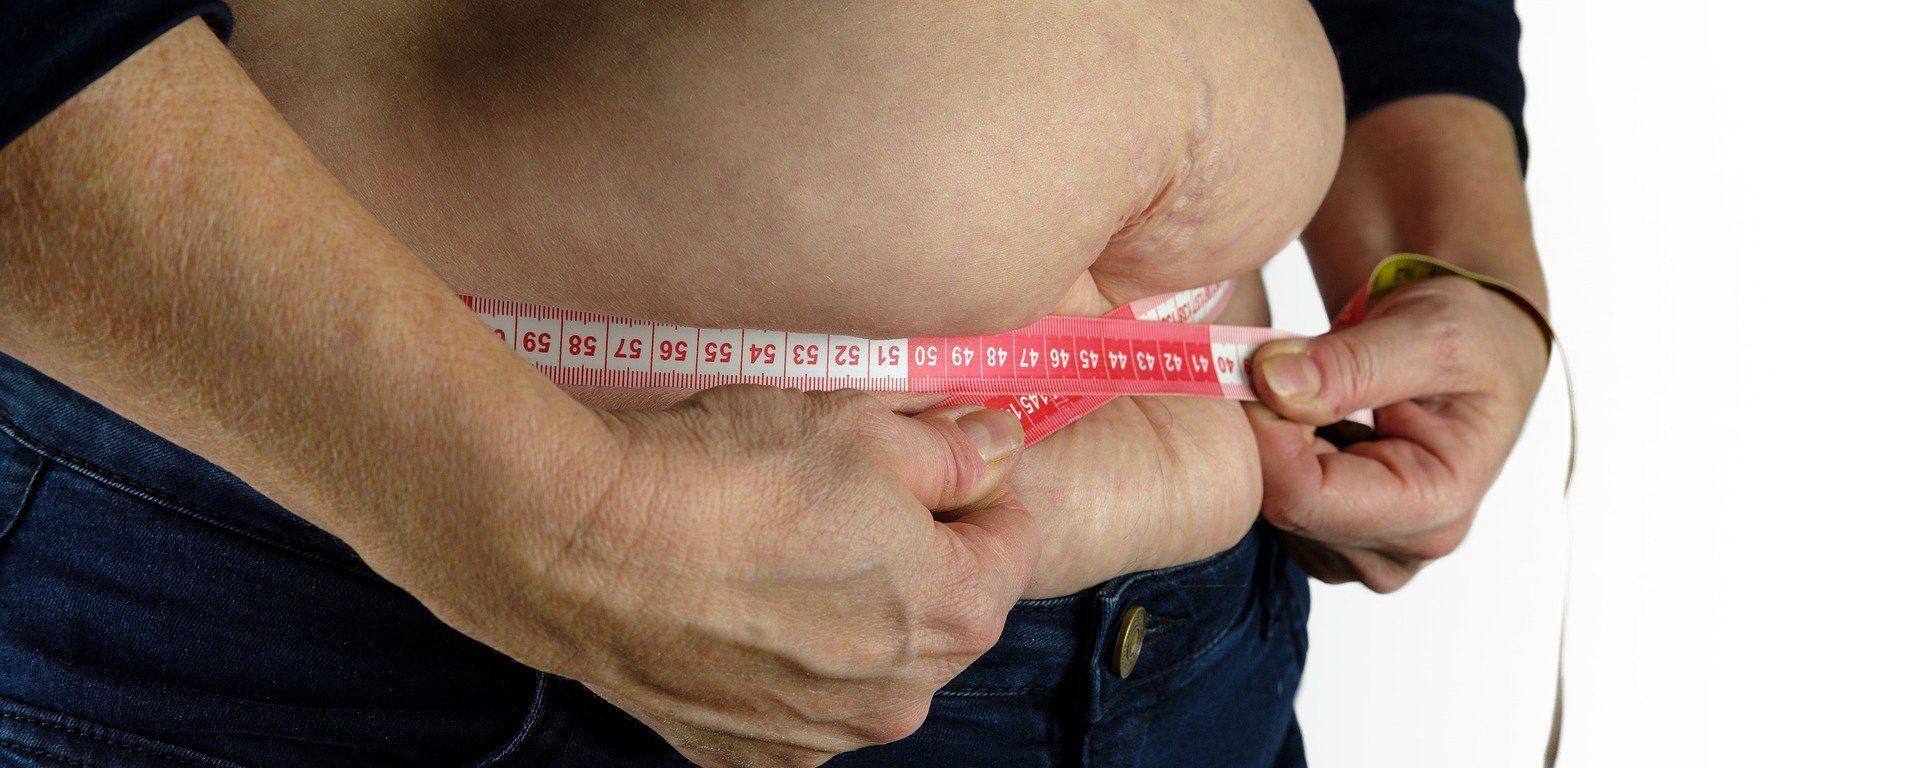 Una persona se mide la barriga con una cinta métrica - Sputnik Mundo, 1920, 28.02.2021